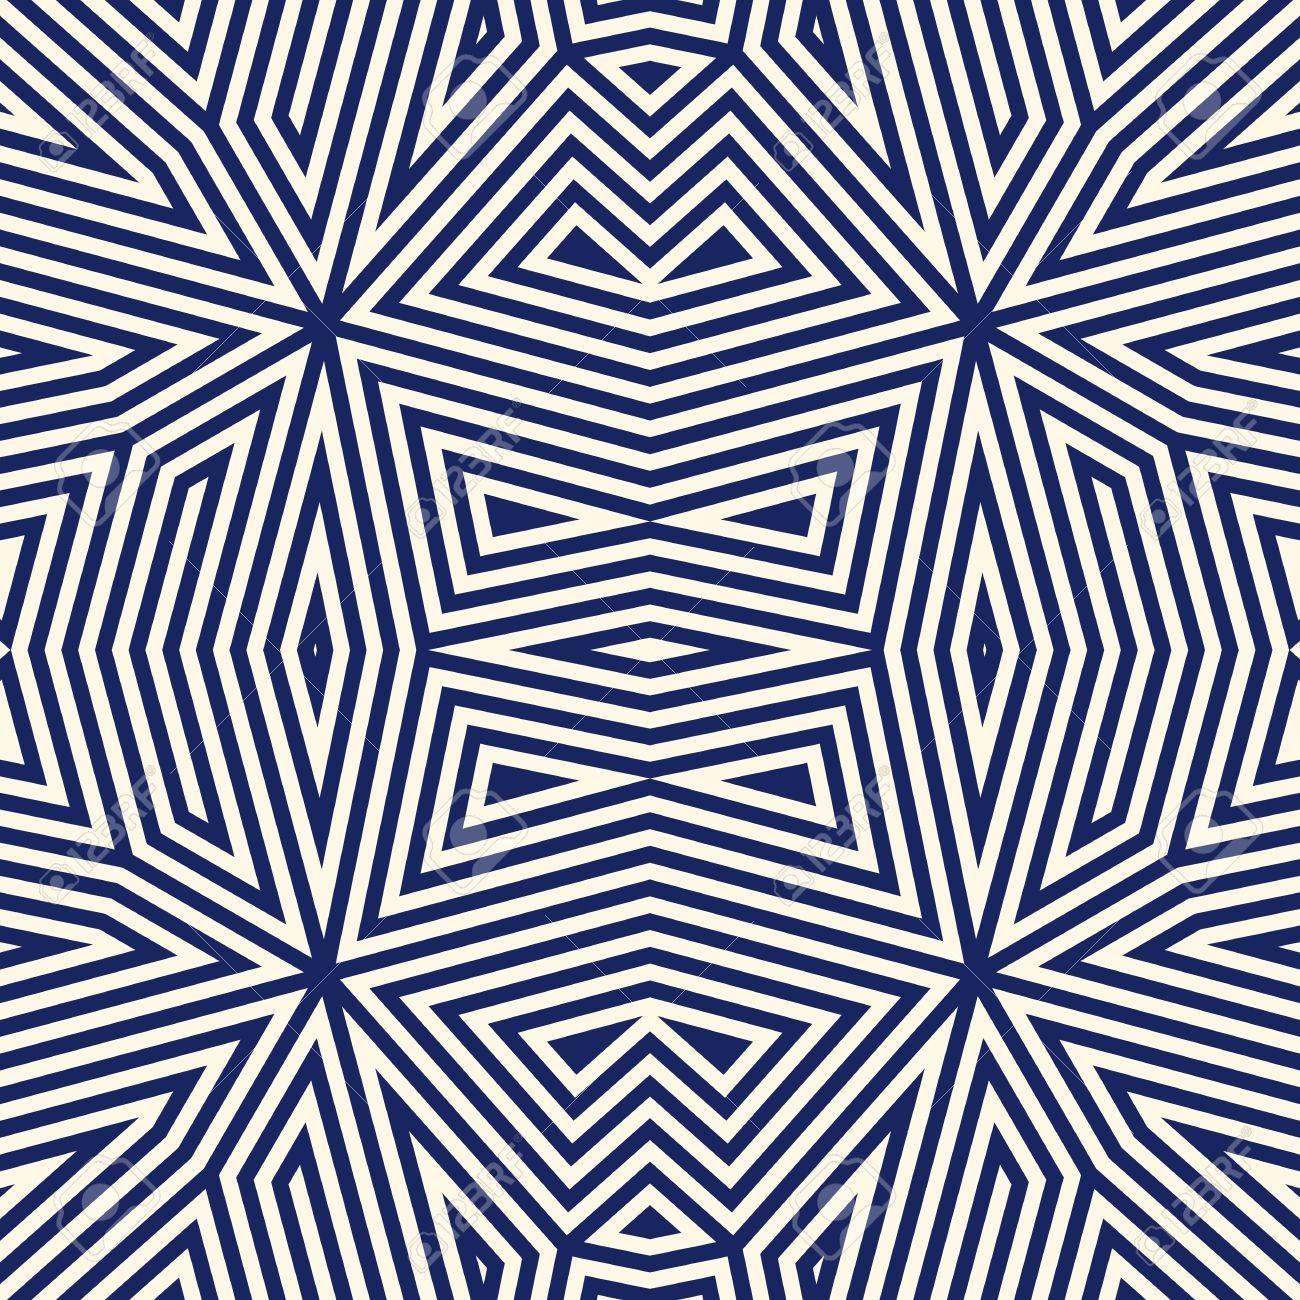 Seamless Avec Ornement Geometrique Symetrique Bleu Marine Abstraite